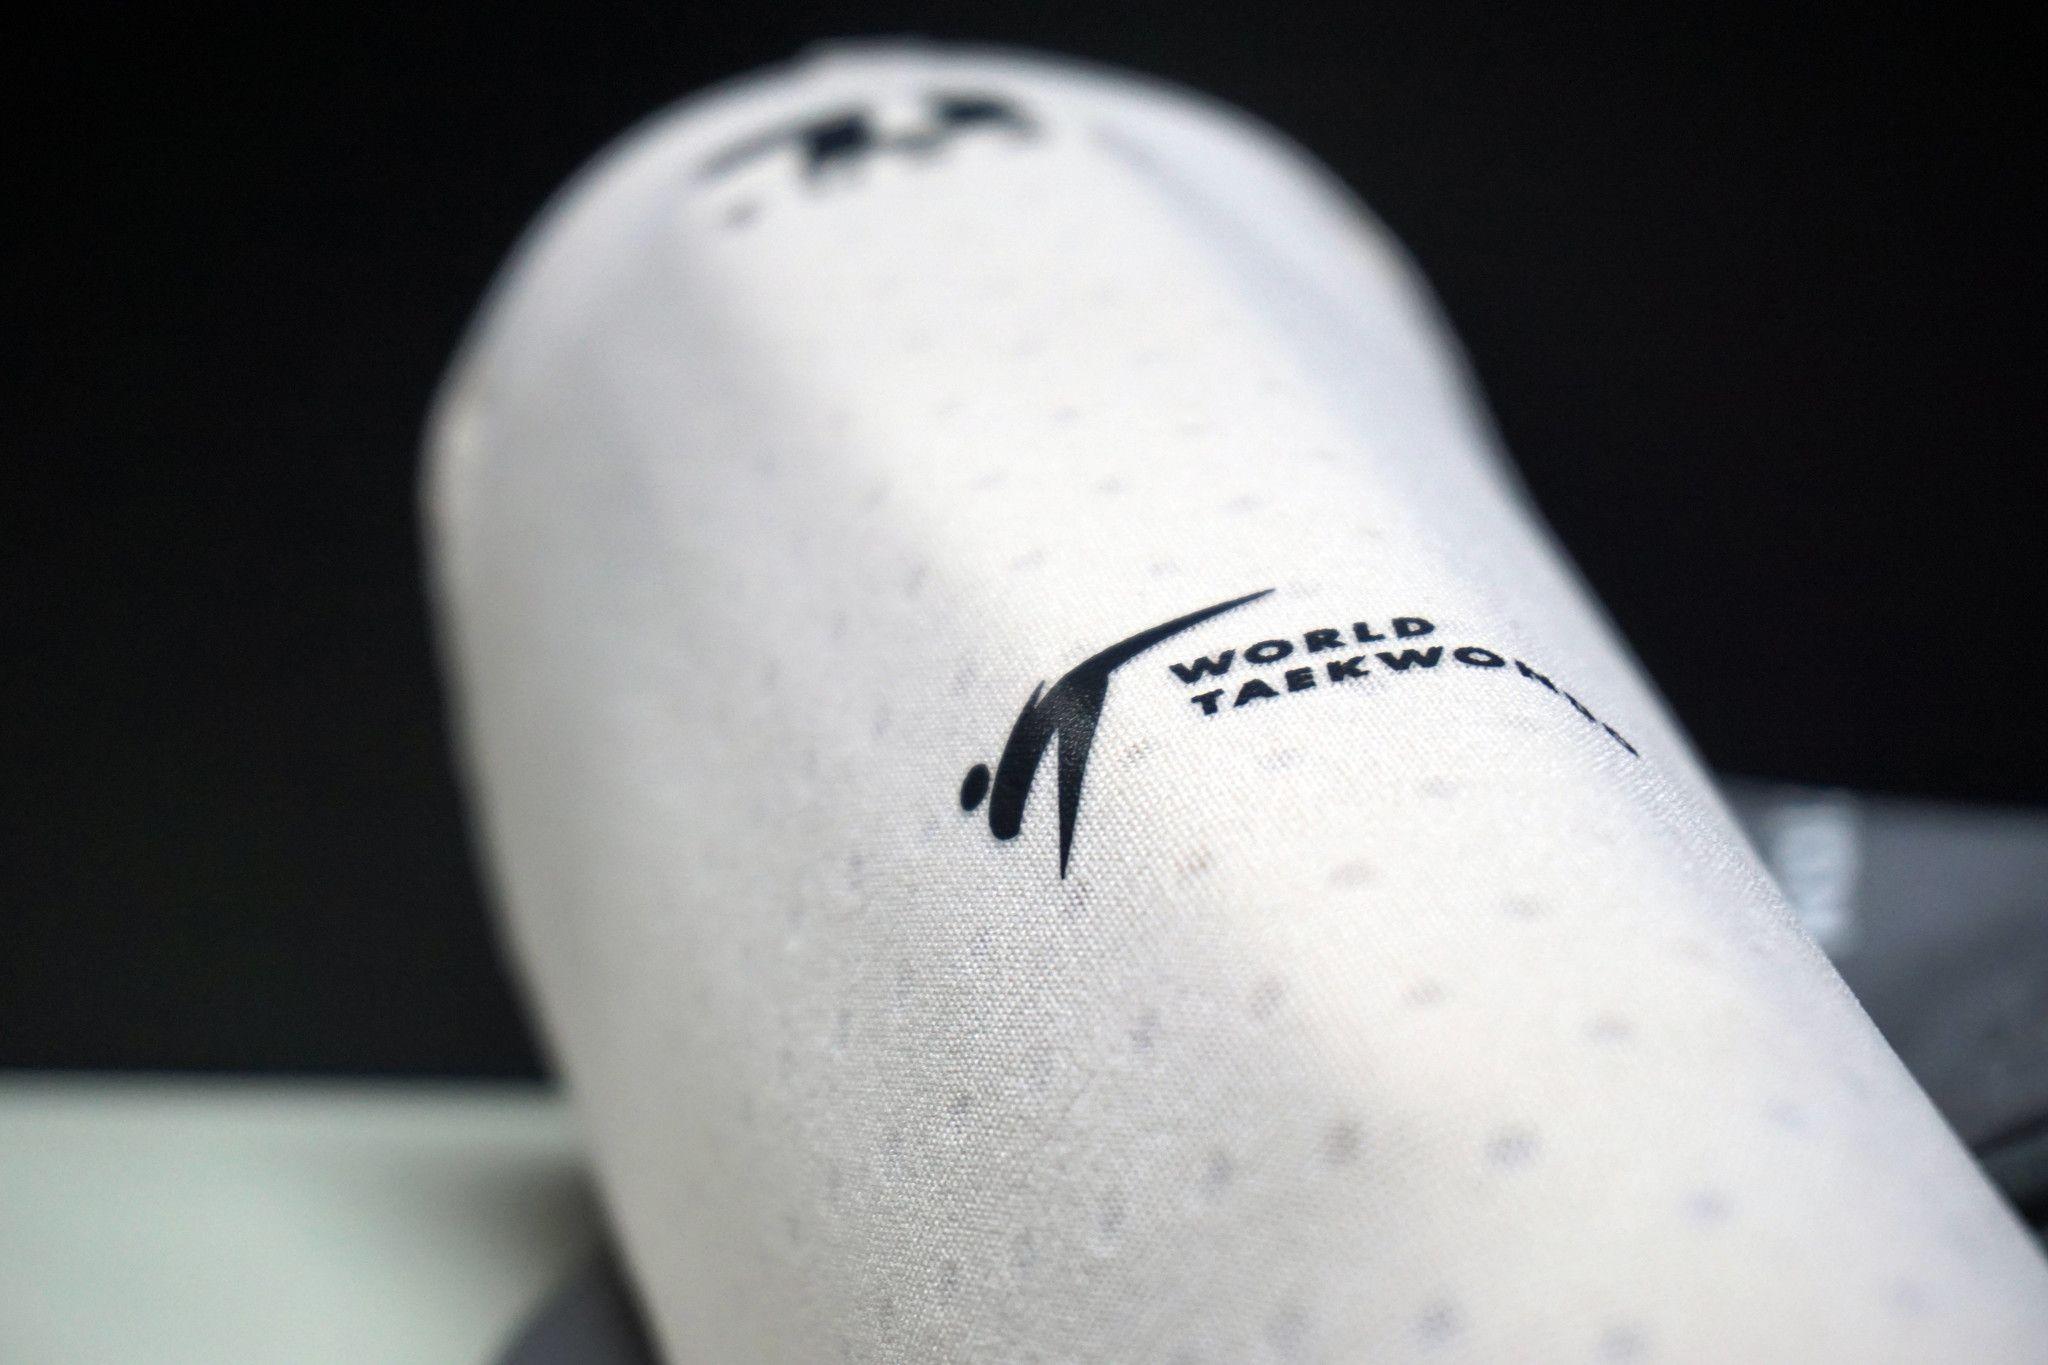 Paratibia per Taekwondo Tusah Premium Fighter Special Edition Omologati WT WTF Protezione Tibia